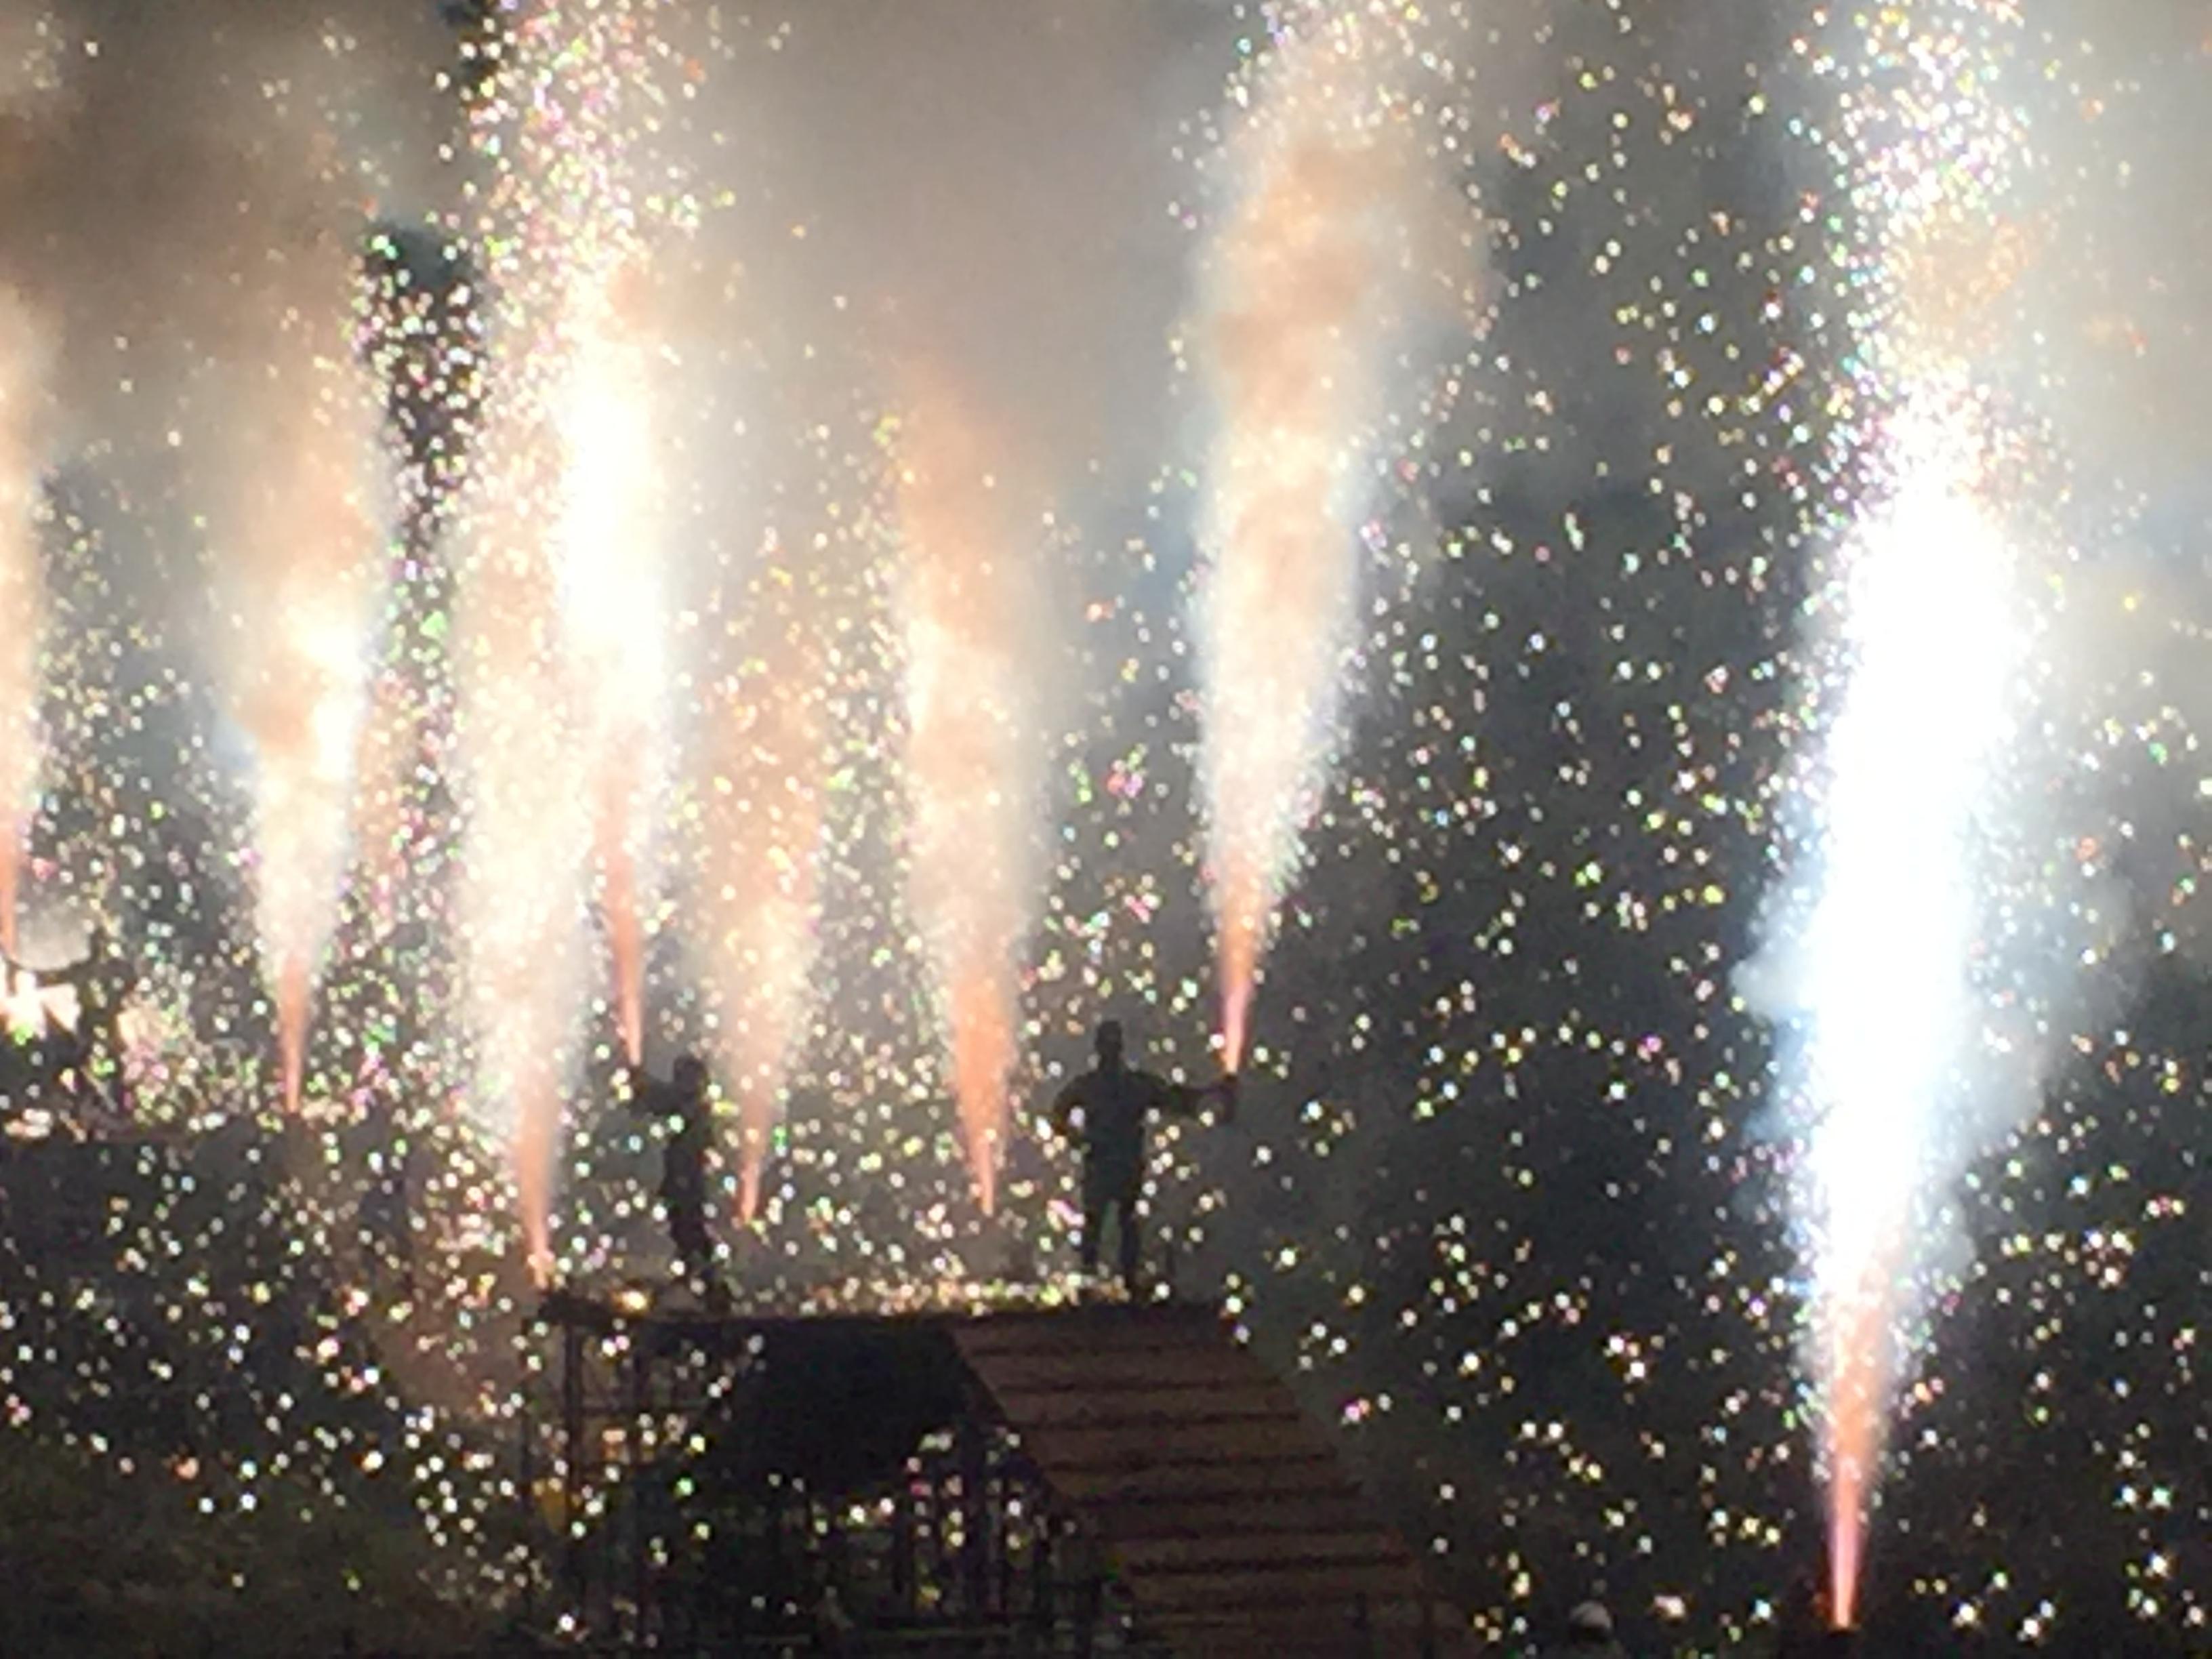 Handtube_fireworks_Up.jpg